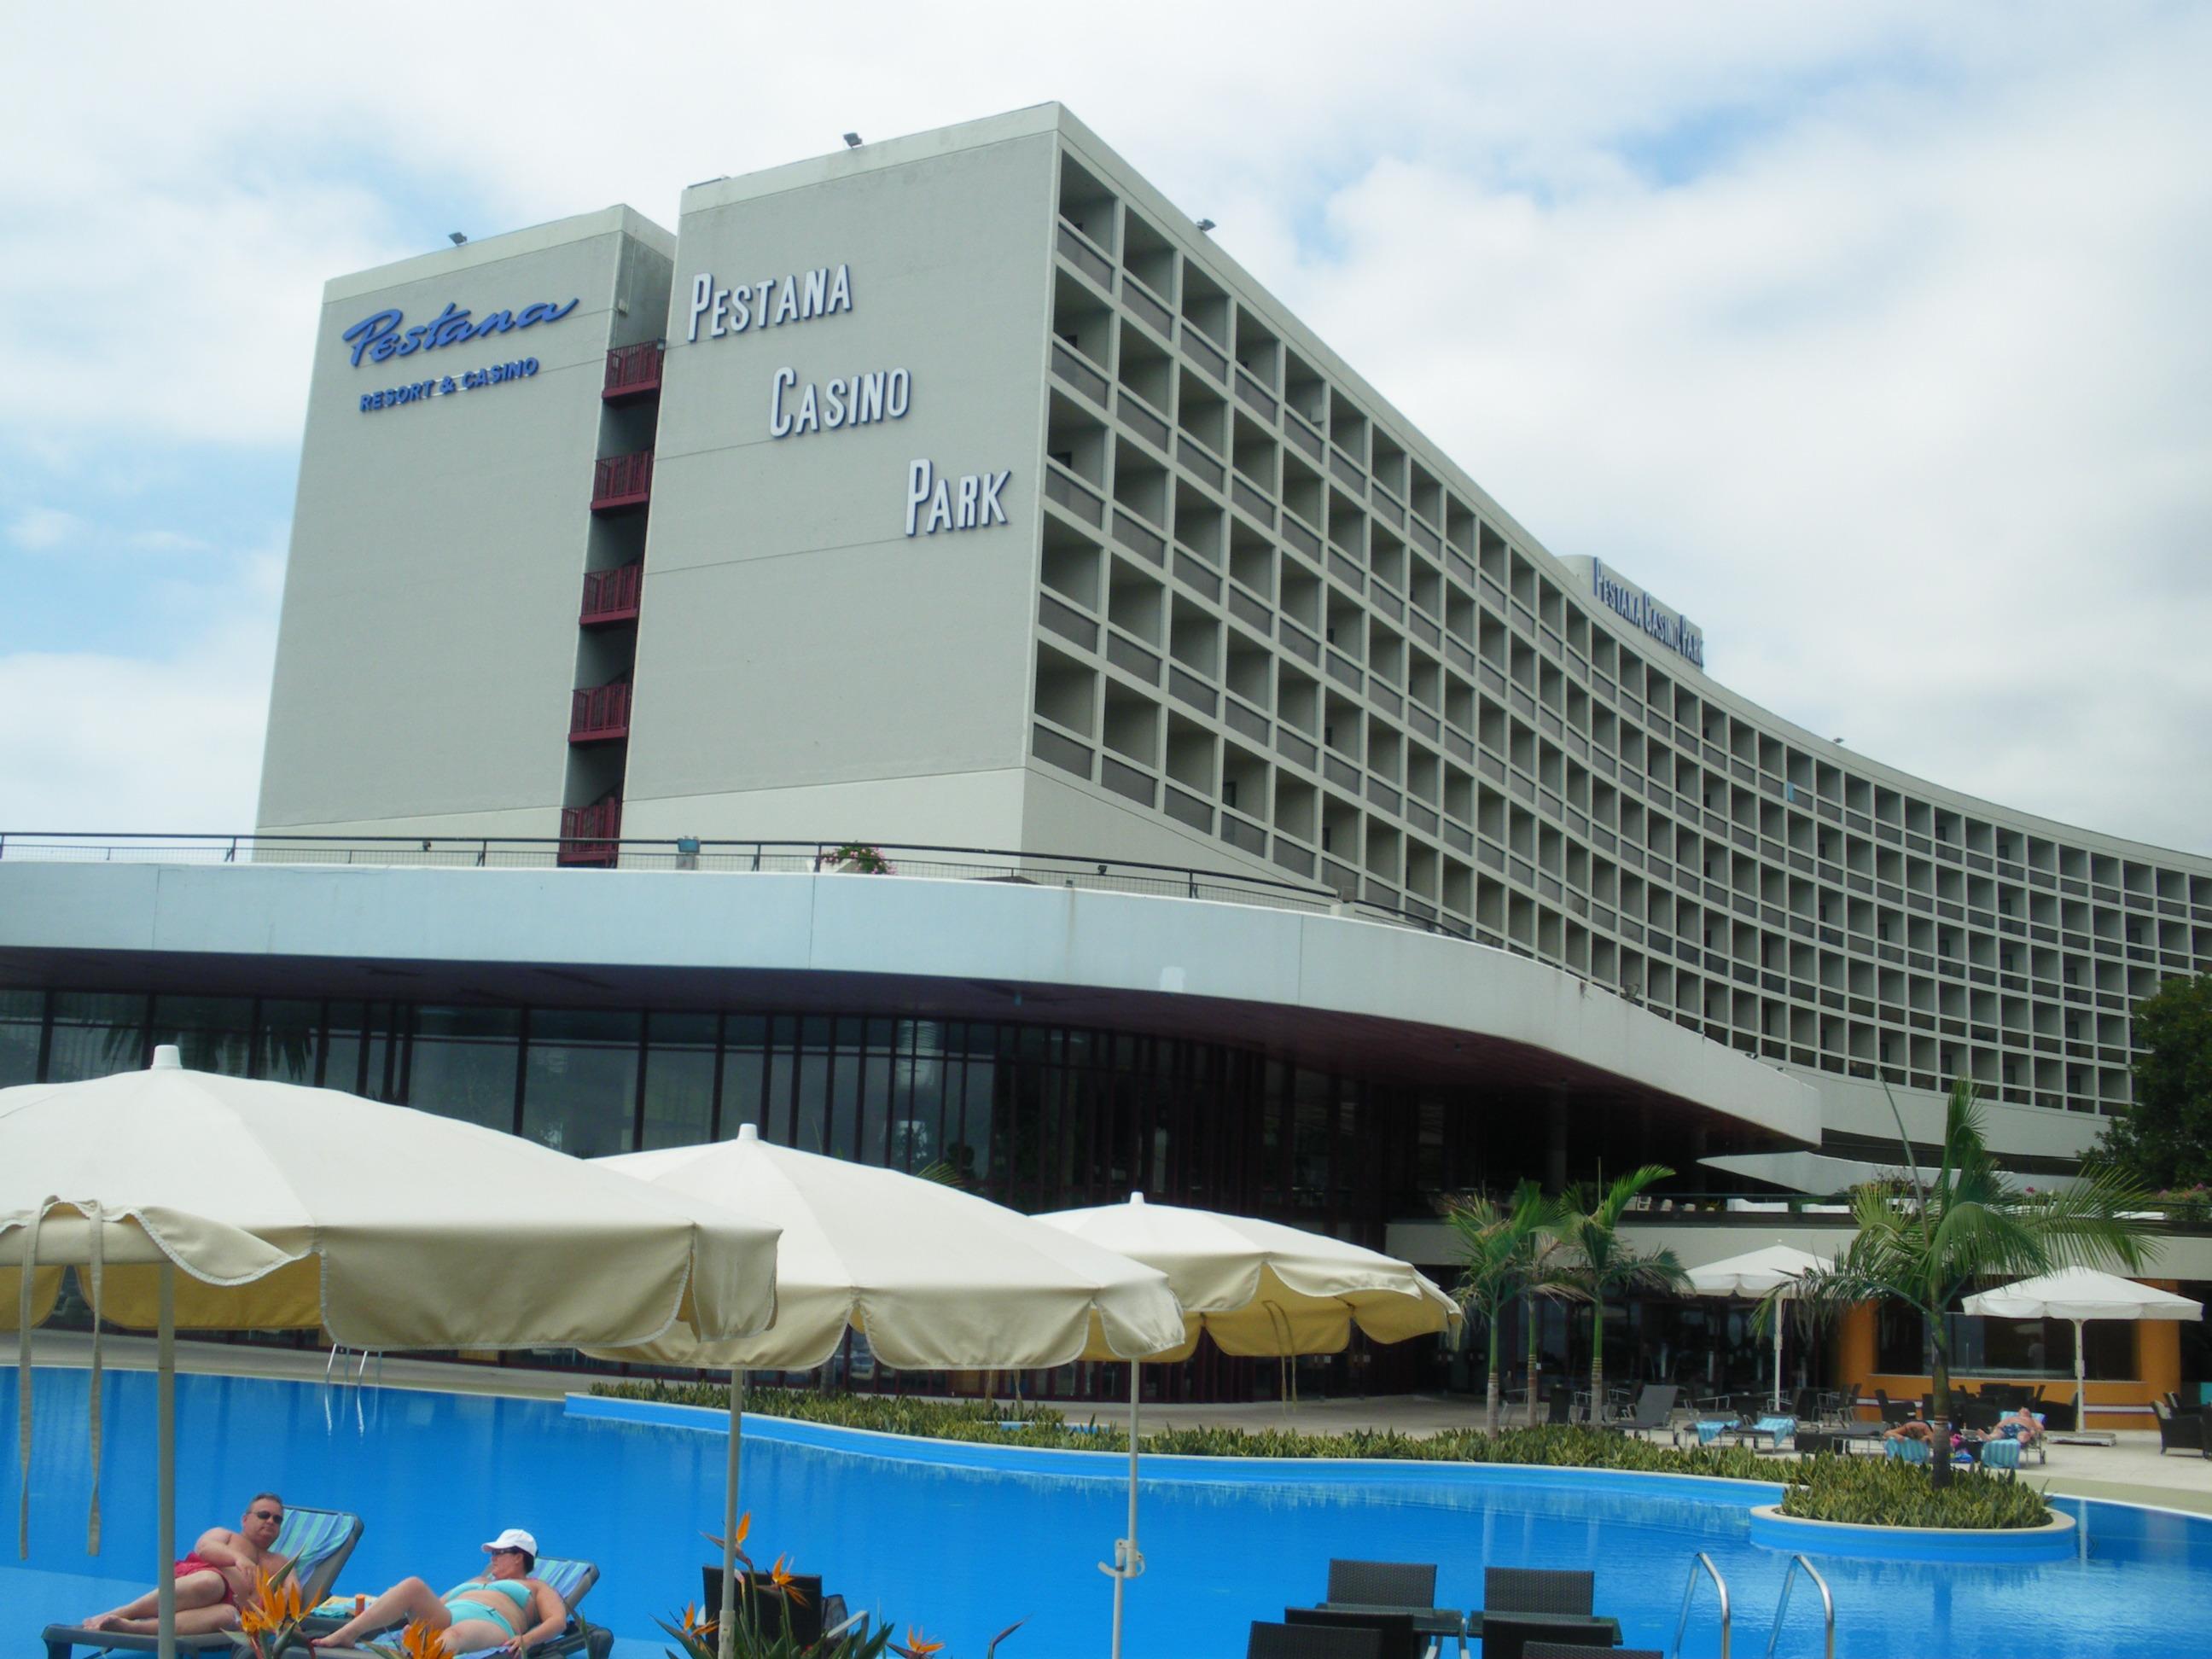 pestana casino park madeira portugal